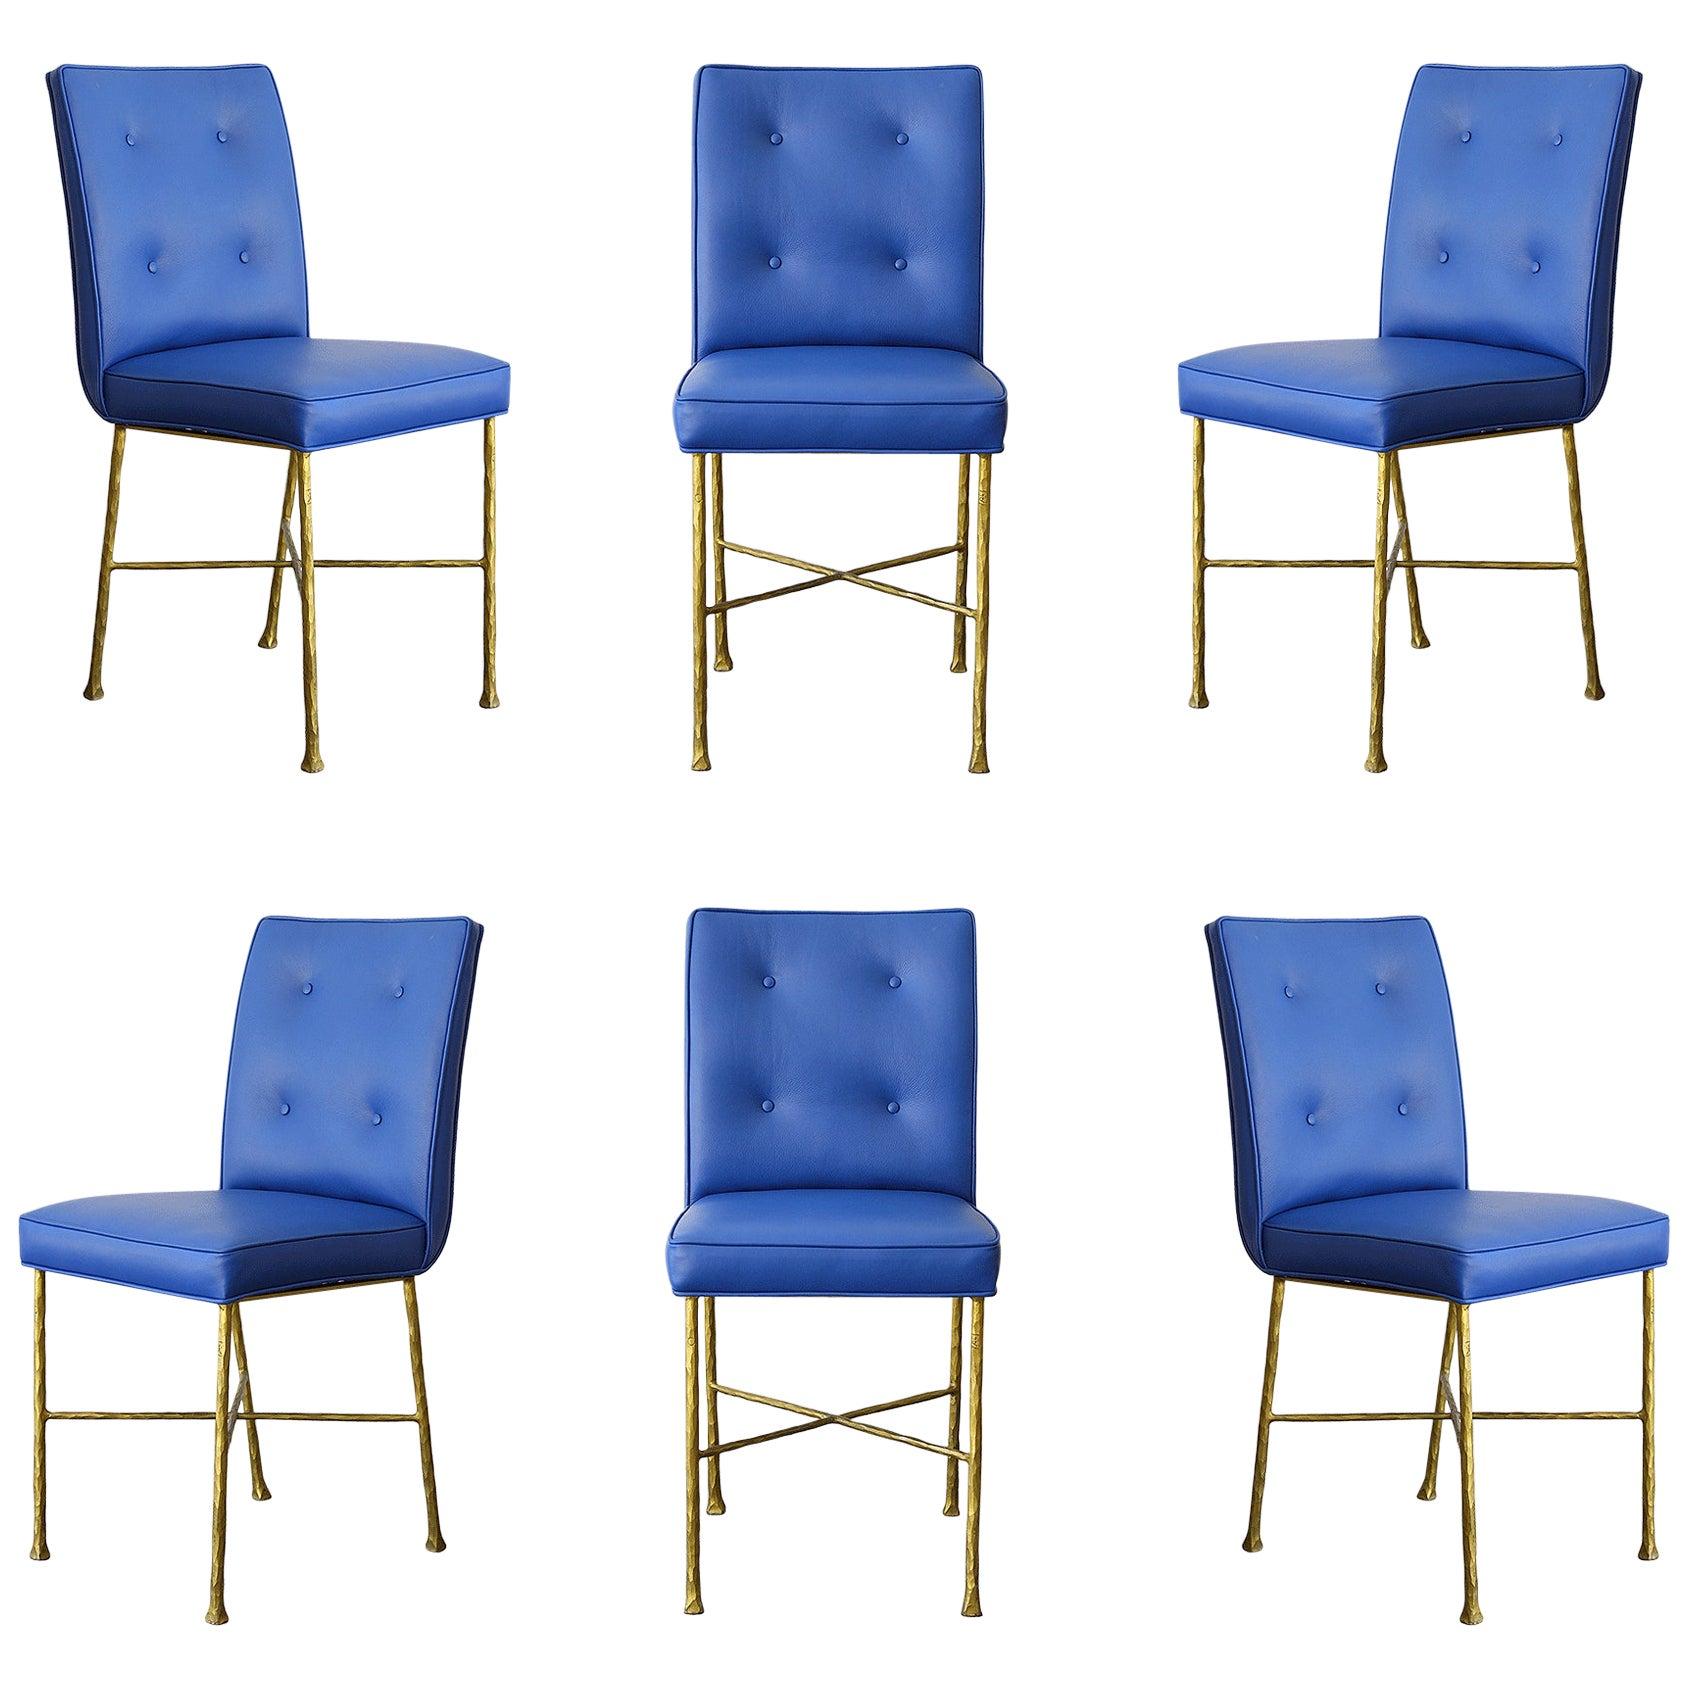 Garouste & Bonetti Chairs, Rare Set of 6 Chairs